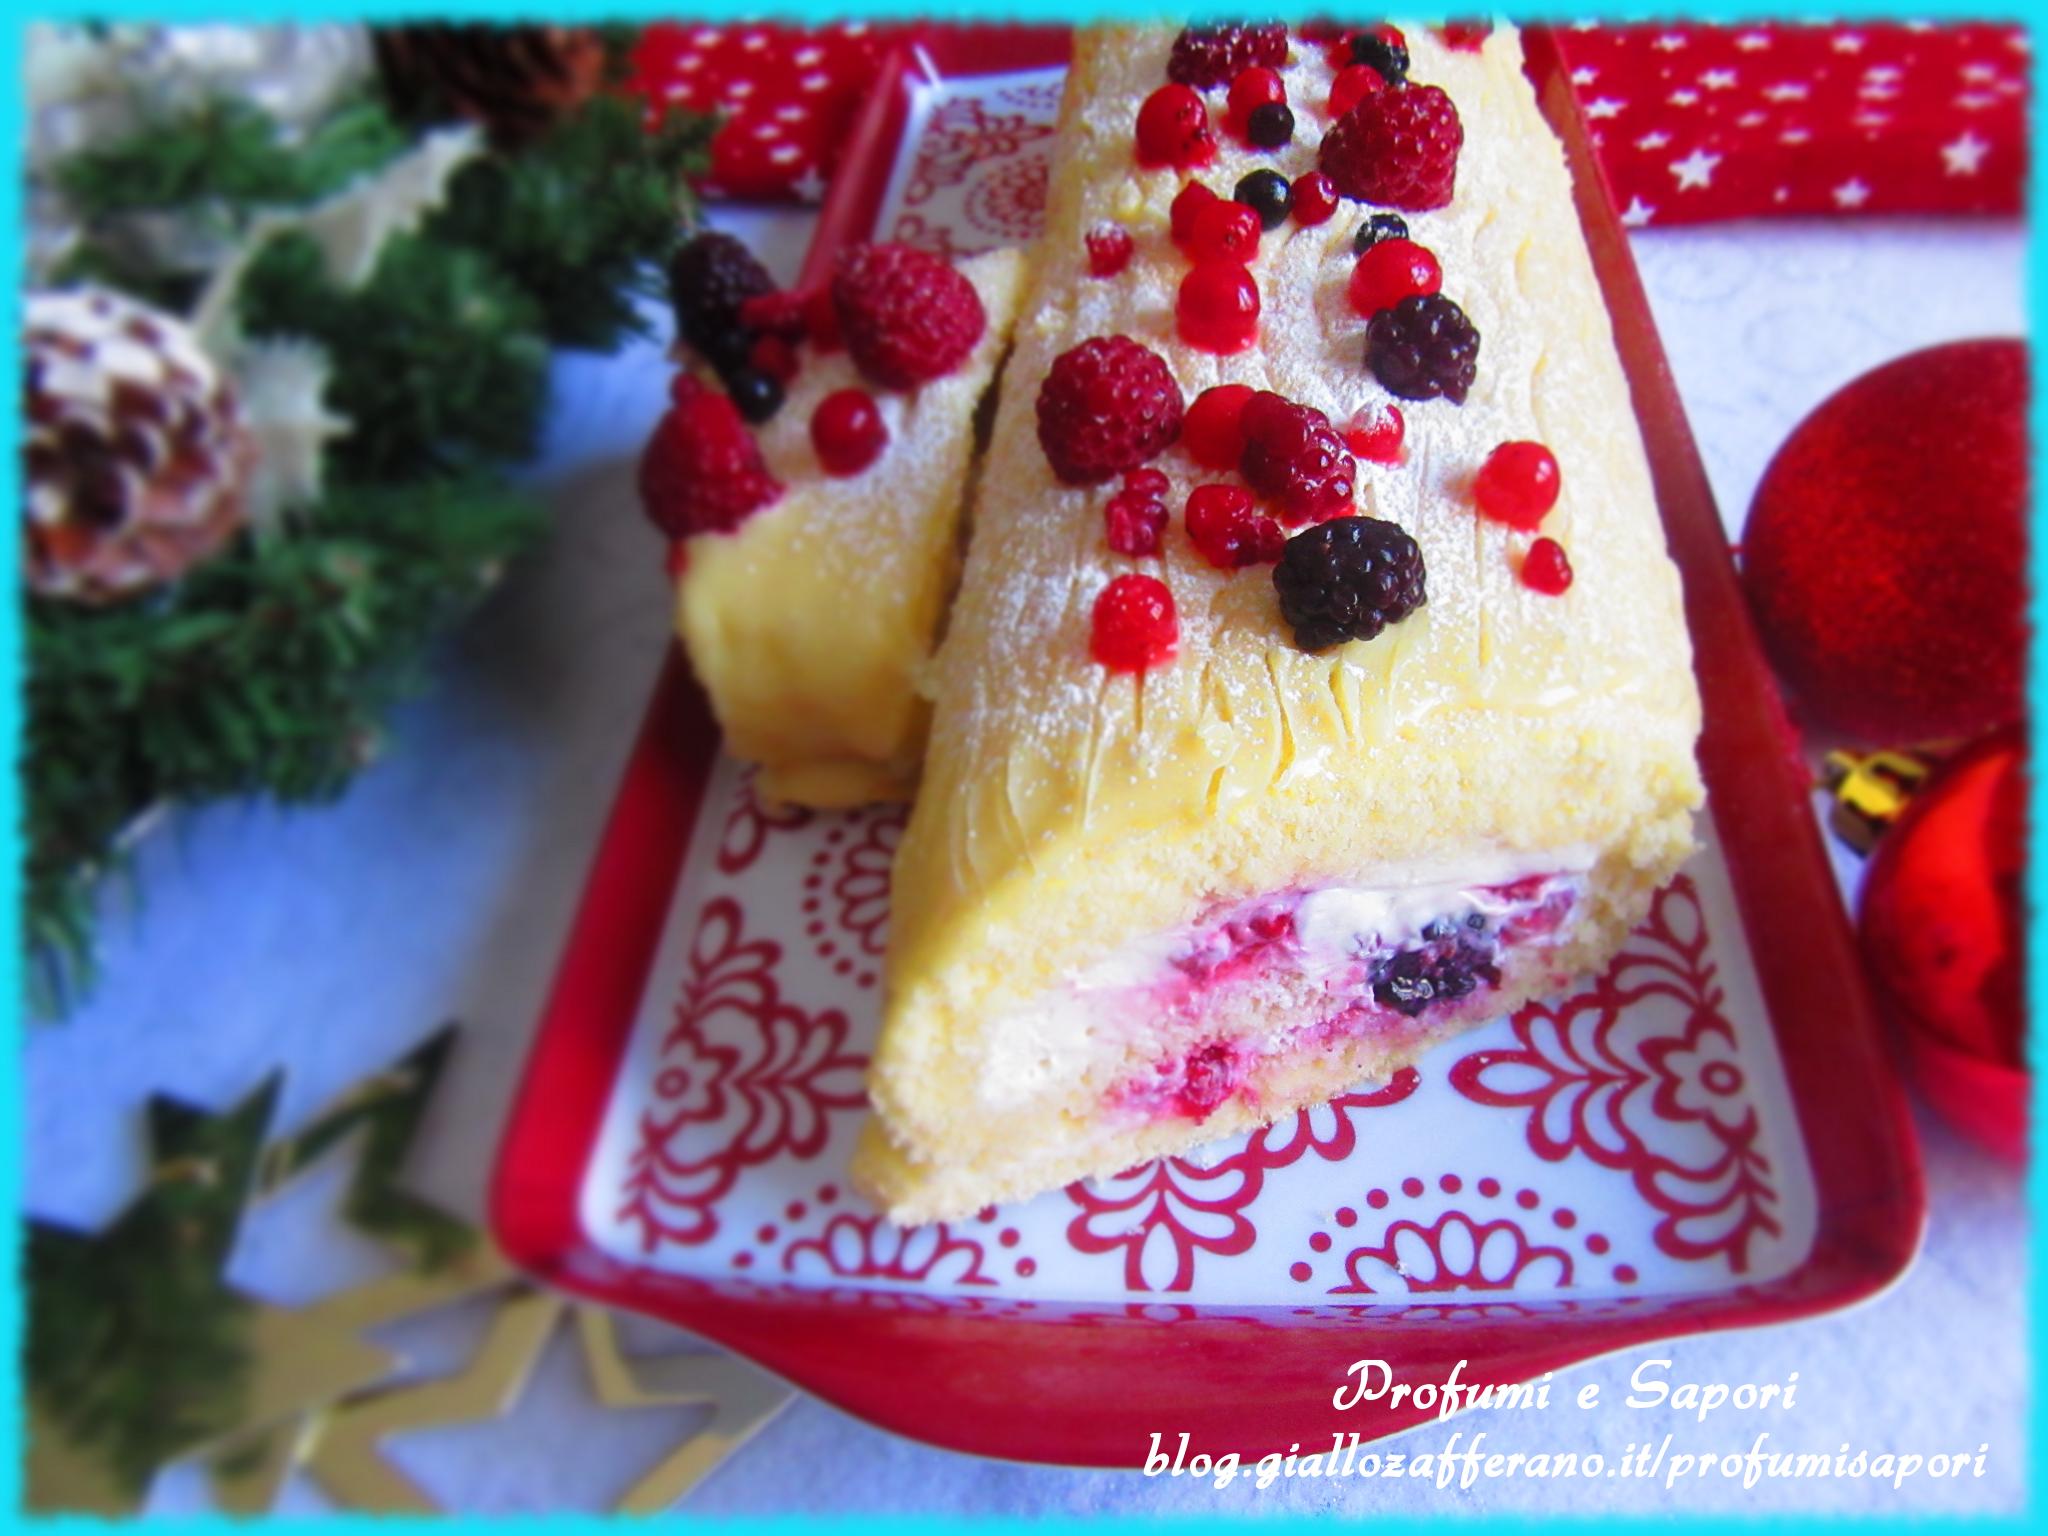 Ricetta Tronchetto Di Natale Al Cioccolato Bianco.Tronchetto Di Natale Al Cioccolato Bianco E Frutti Di Bosco